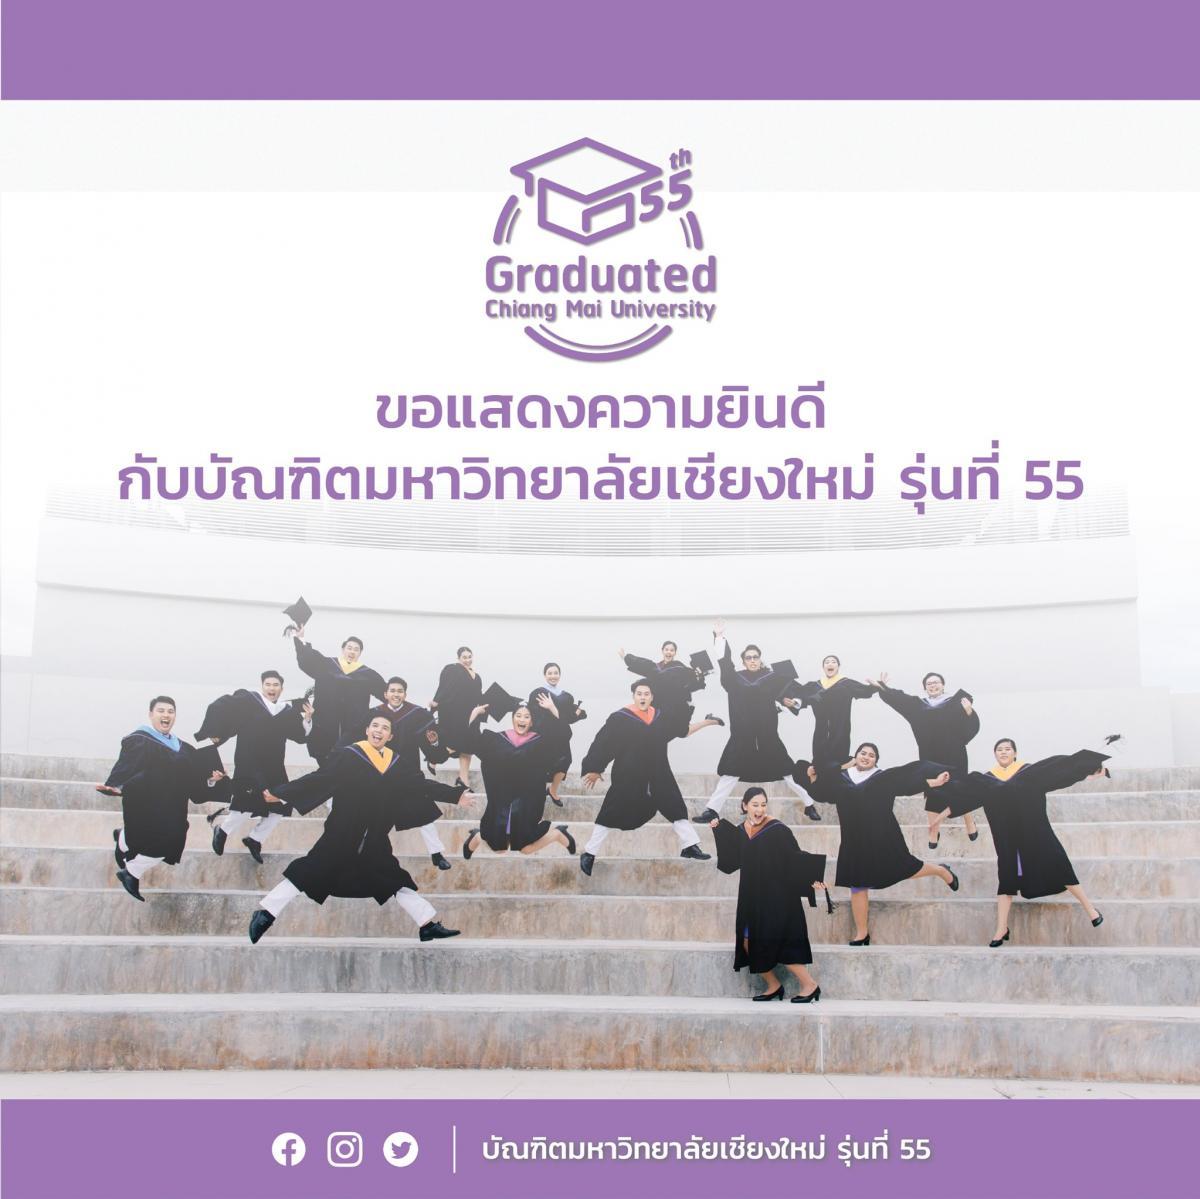 ขอแสดงความยินดีกับบัณฑิตใหม่ รุ่นที่ 55 ทุกท่าน